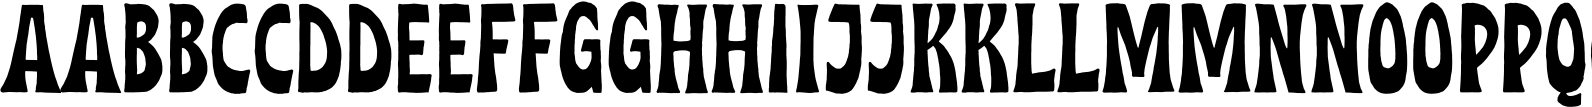 Midgeto